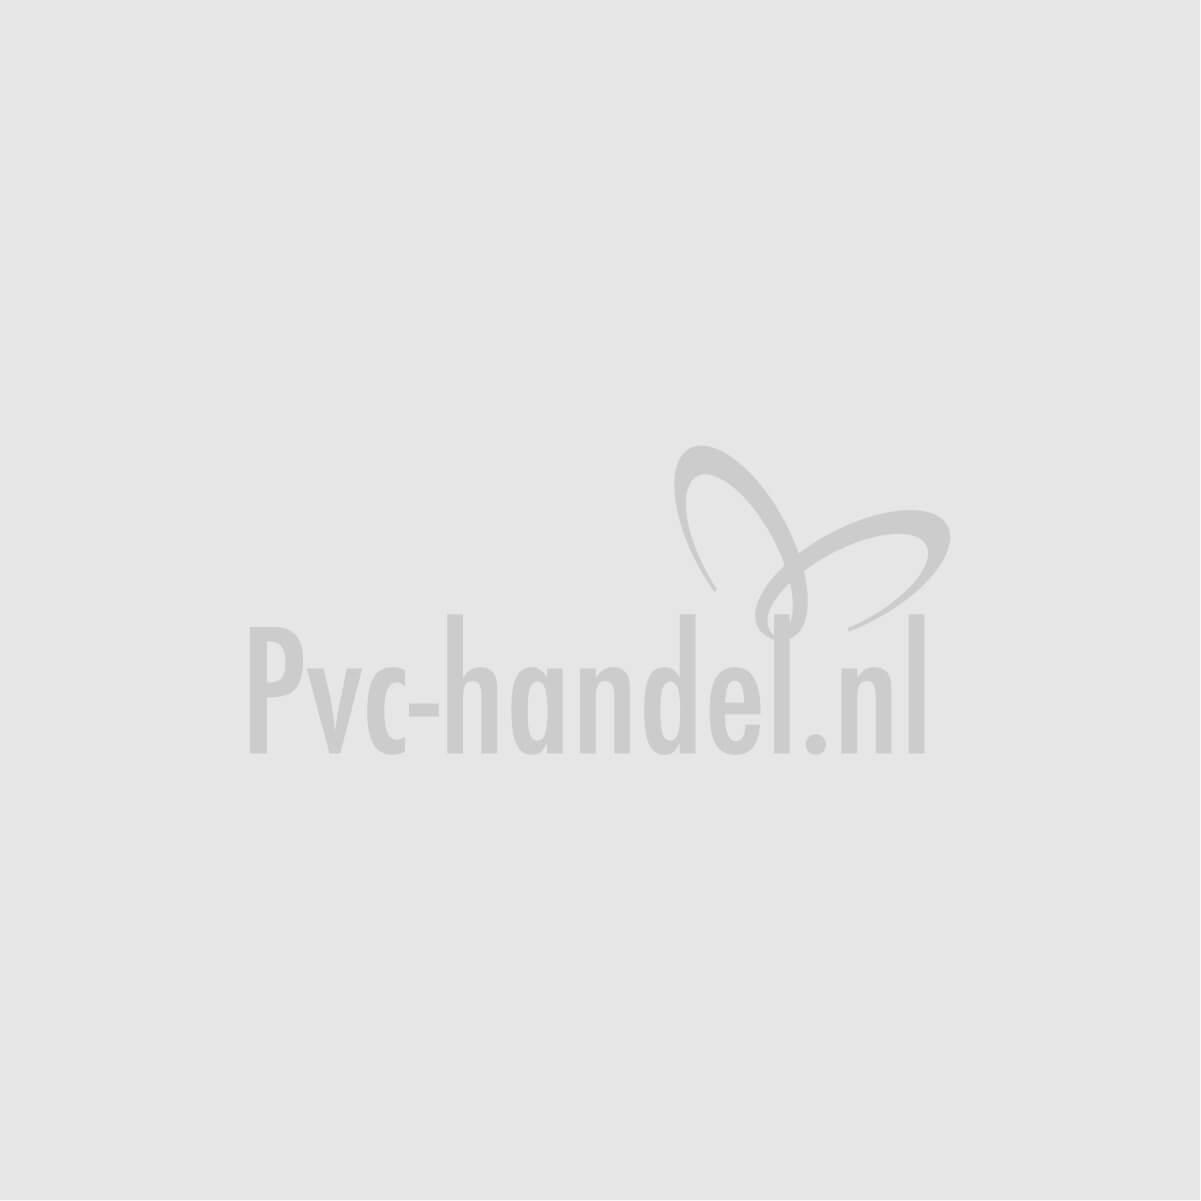 Kunststof plug Fischer sx